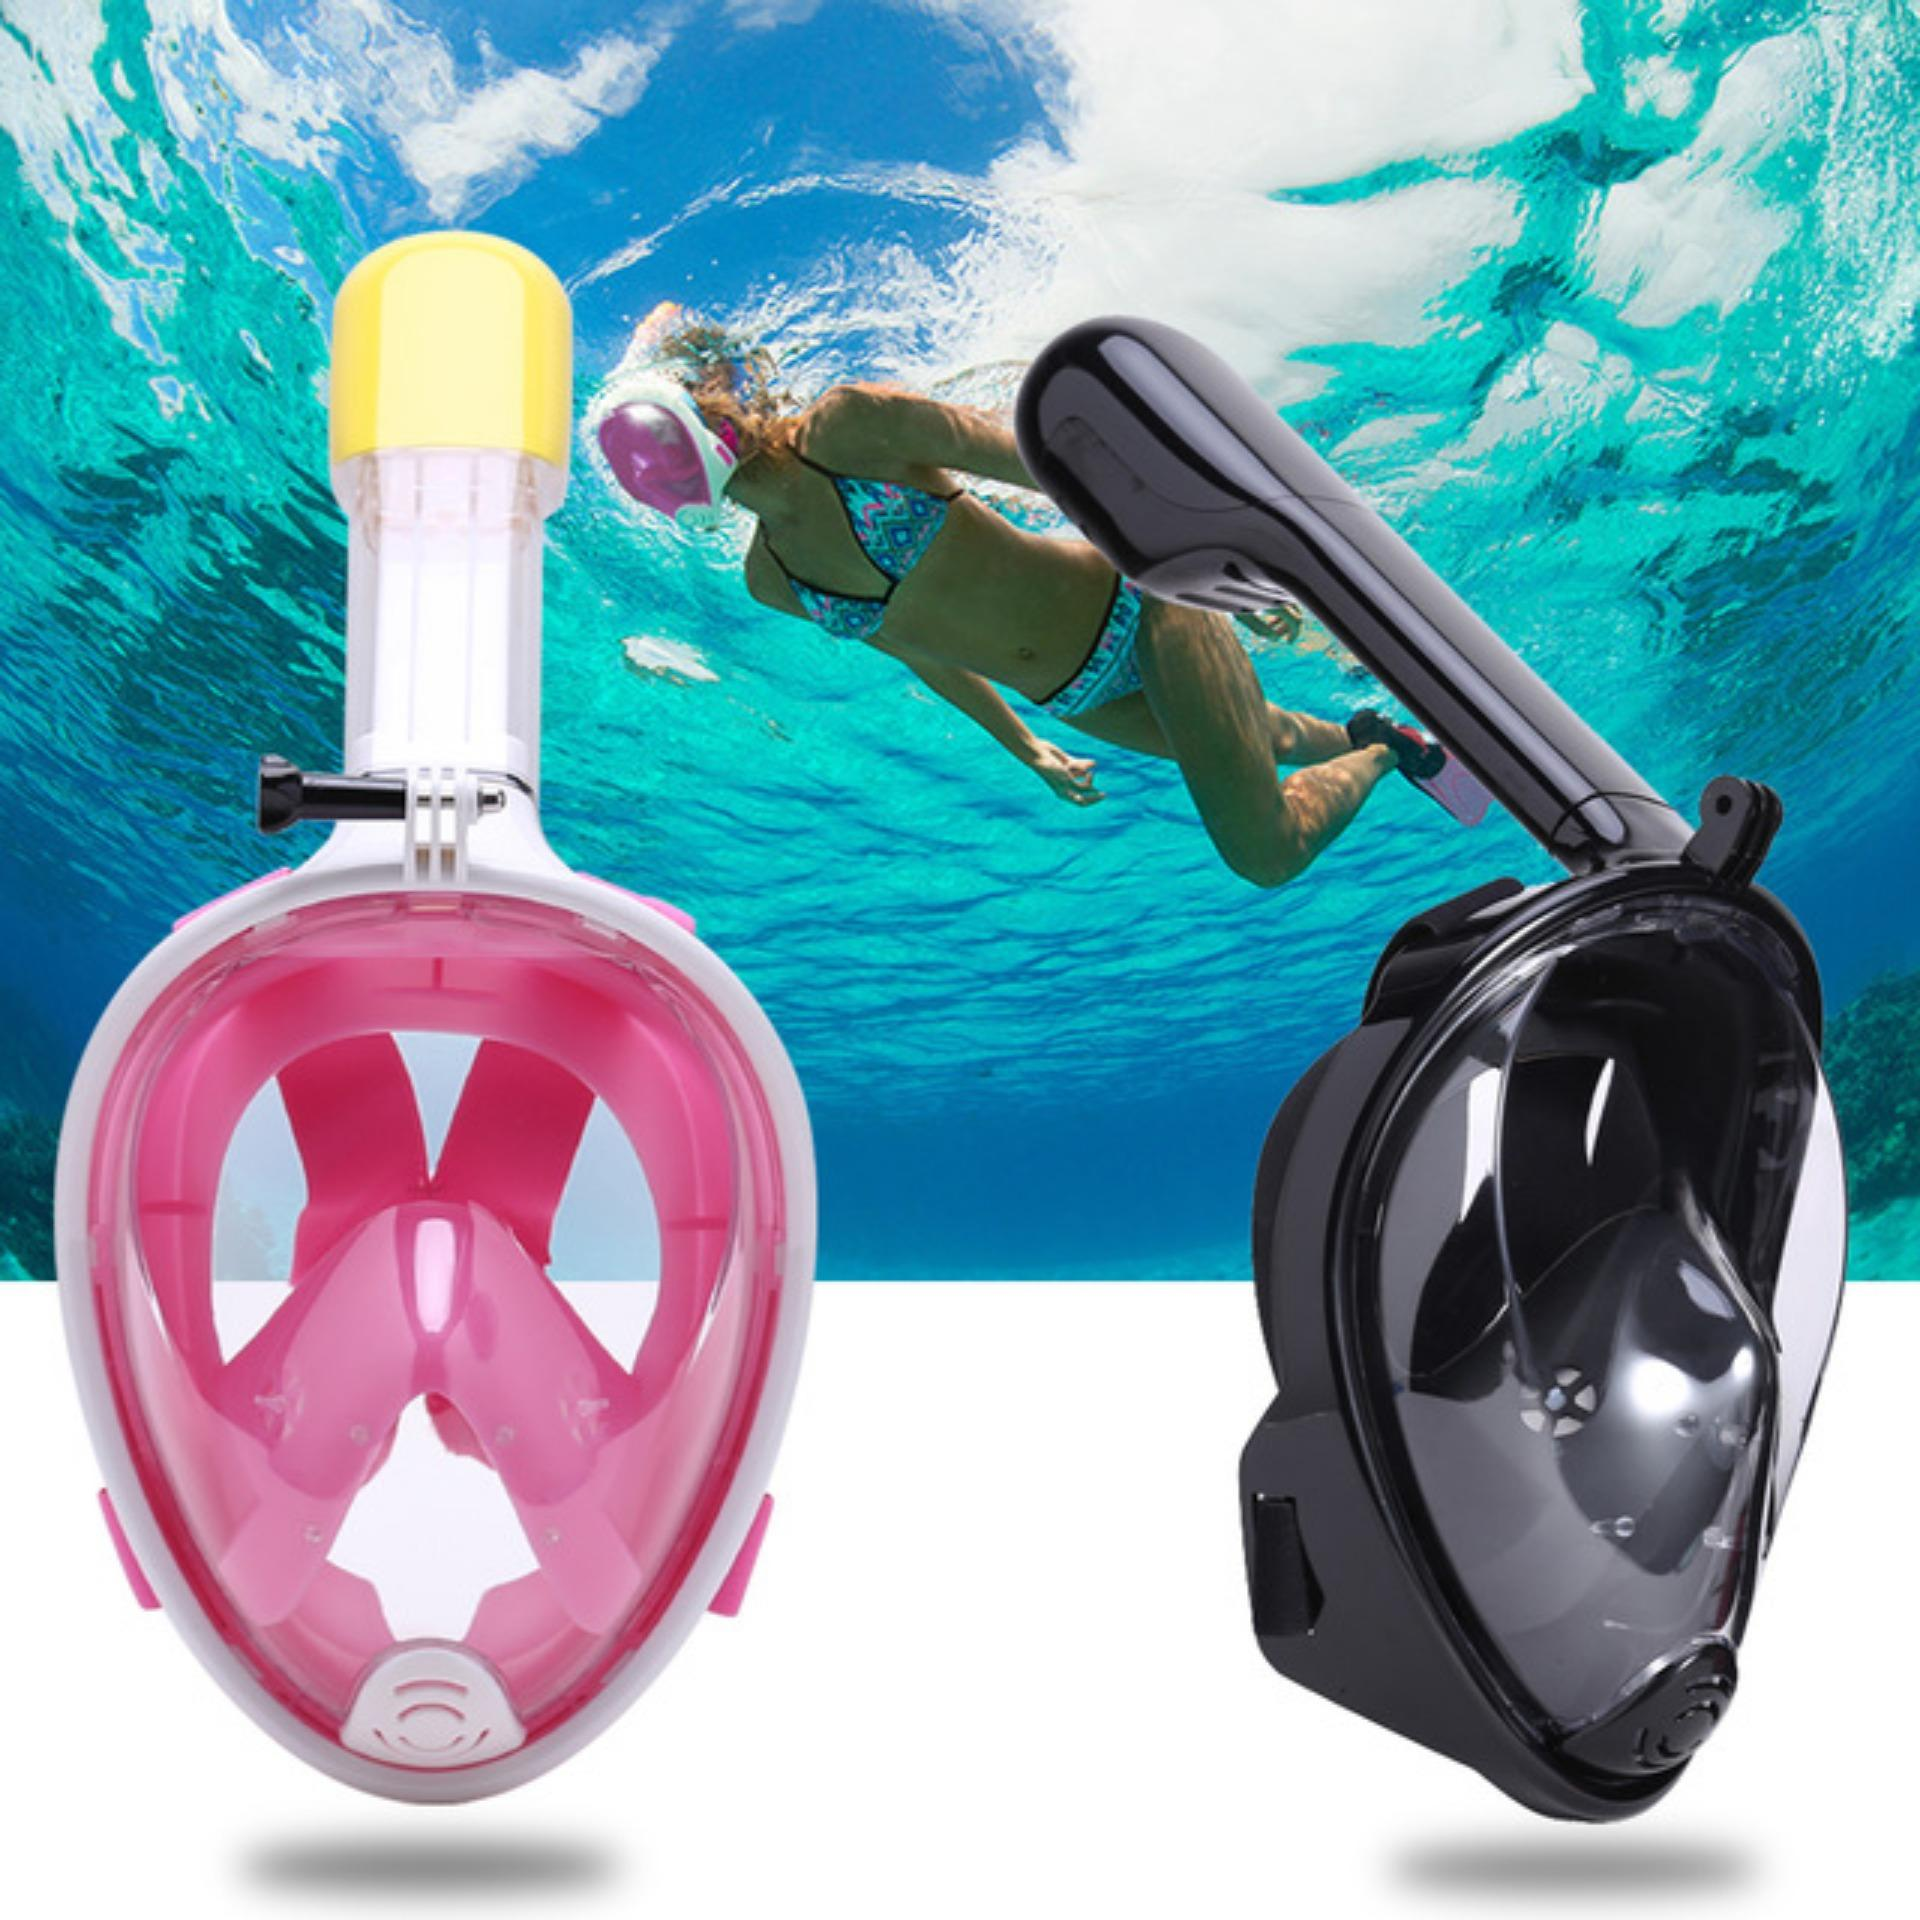 Hình ảnh Kính Lặn - Kính lặn có ống thở gắn được camera hành trình - Hàng cao cấp, chống va đập =>BH Uy tín bởi Tuli Store